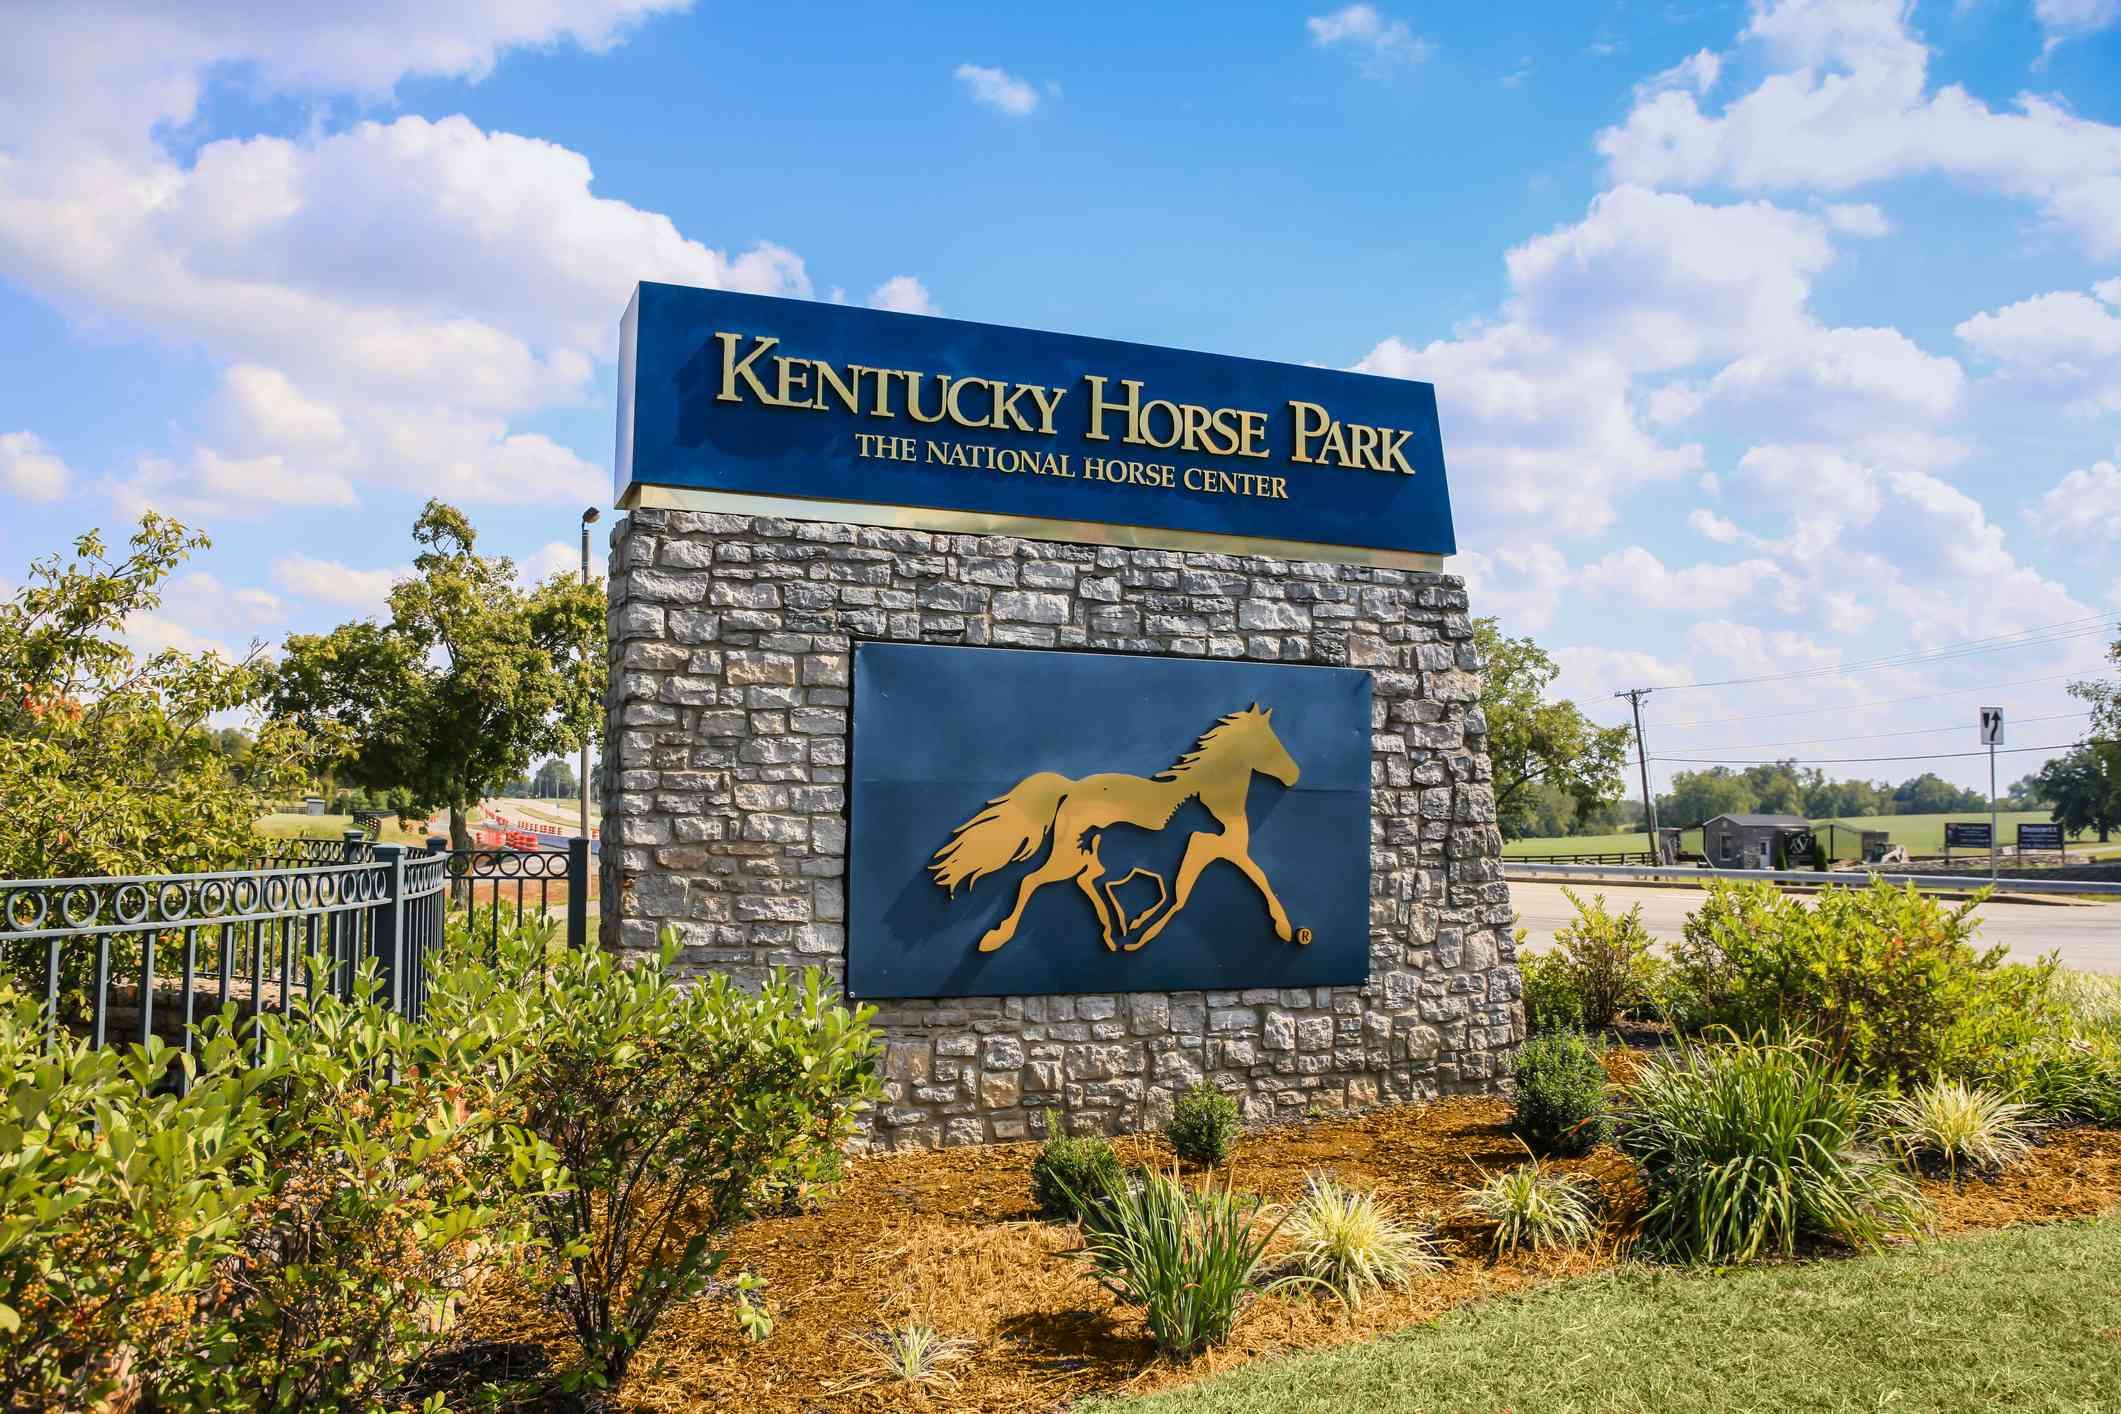 Entrance sign to the Kentucky Horse Park in Lexington, KY, USA